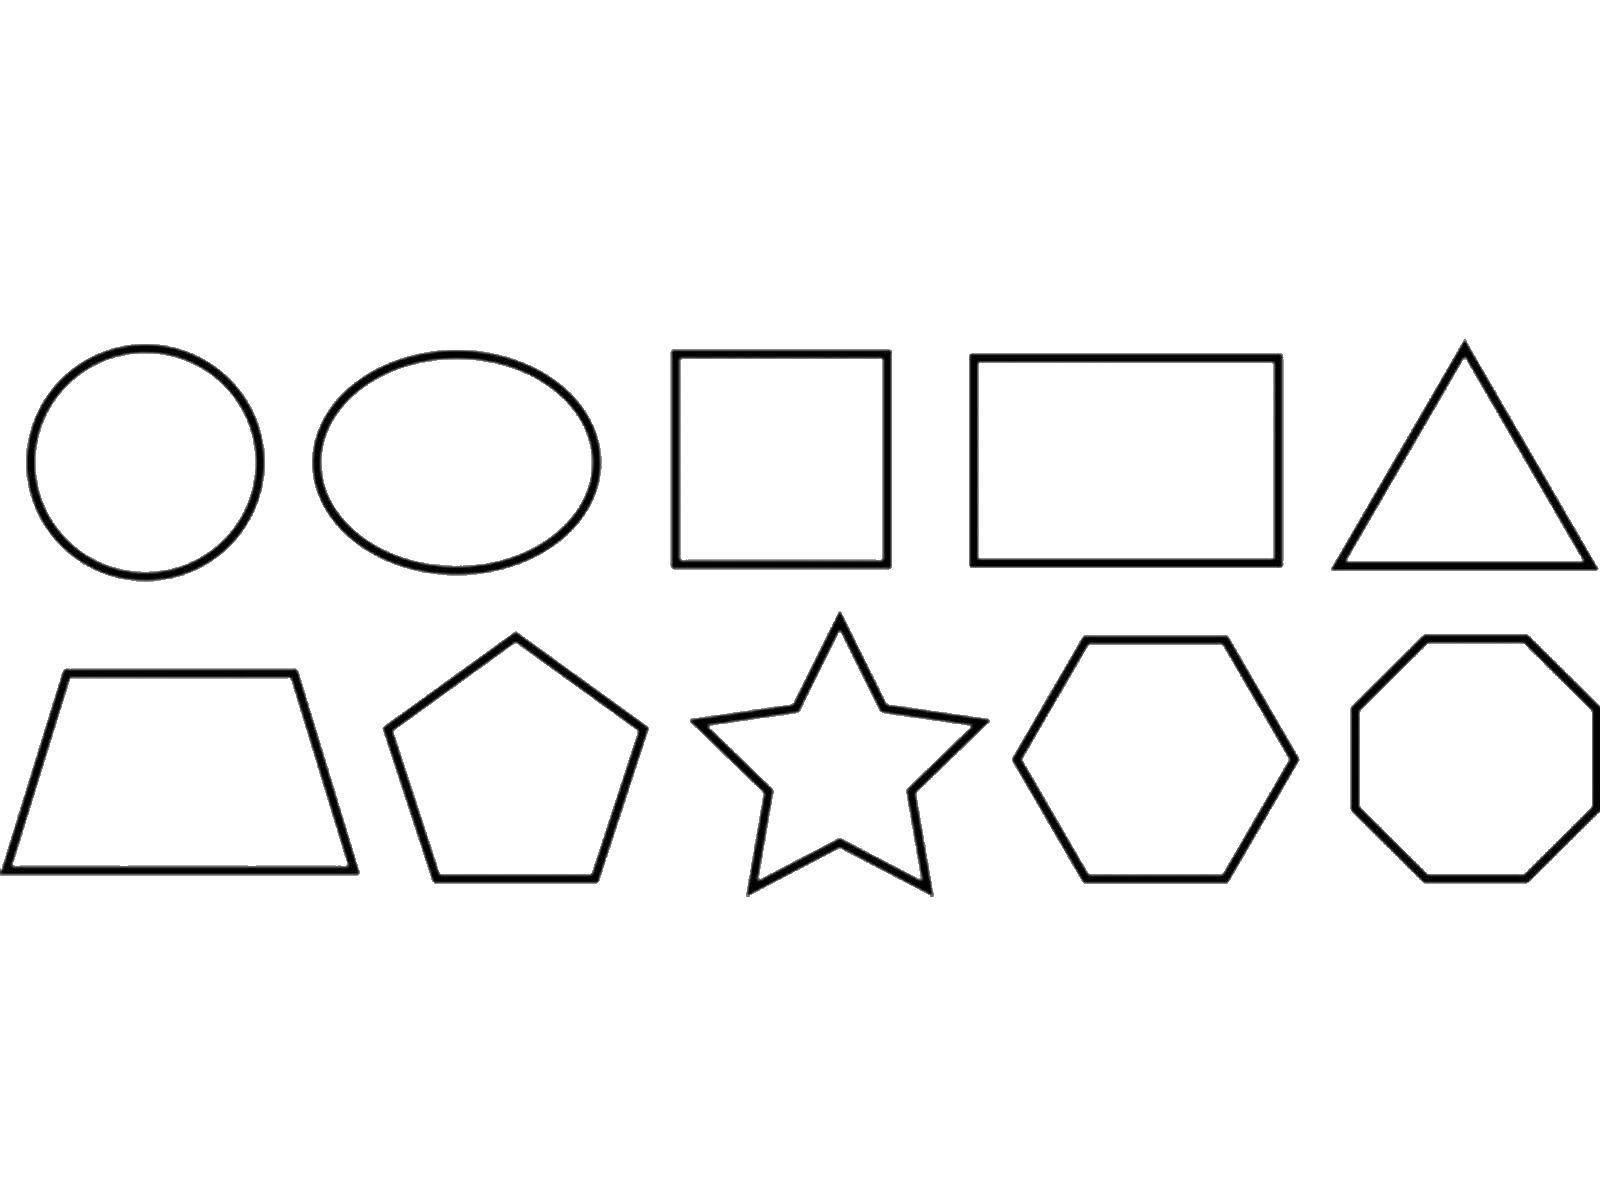 Геометрические фигуры картинки для распечатки